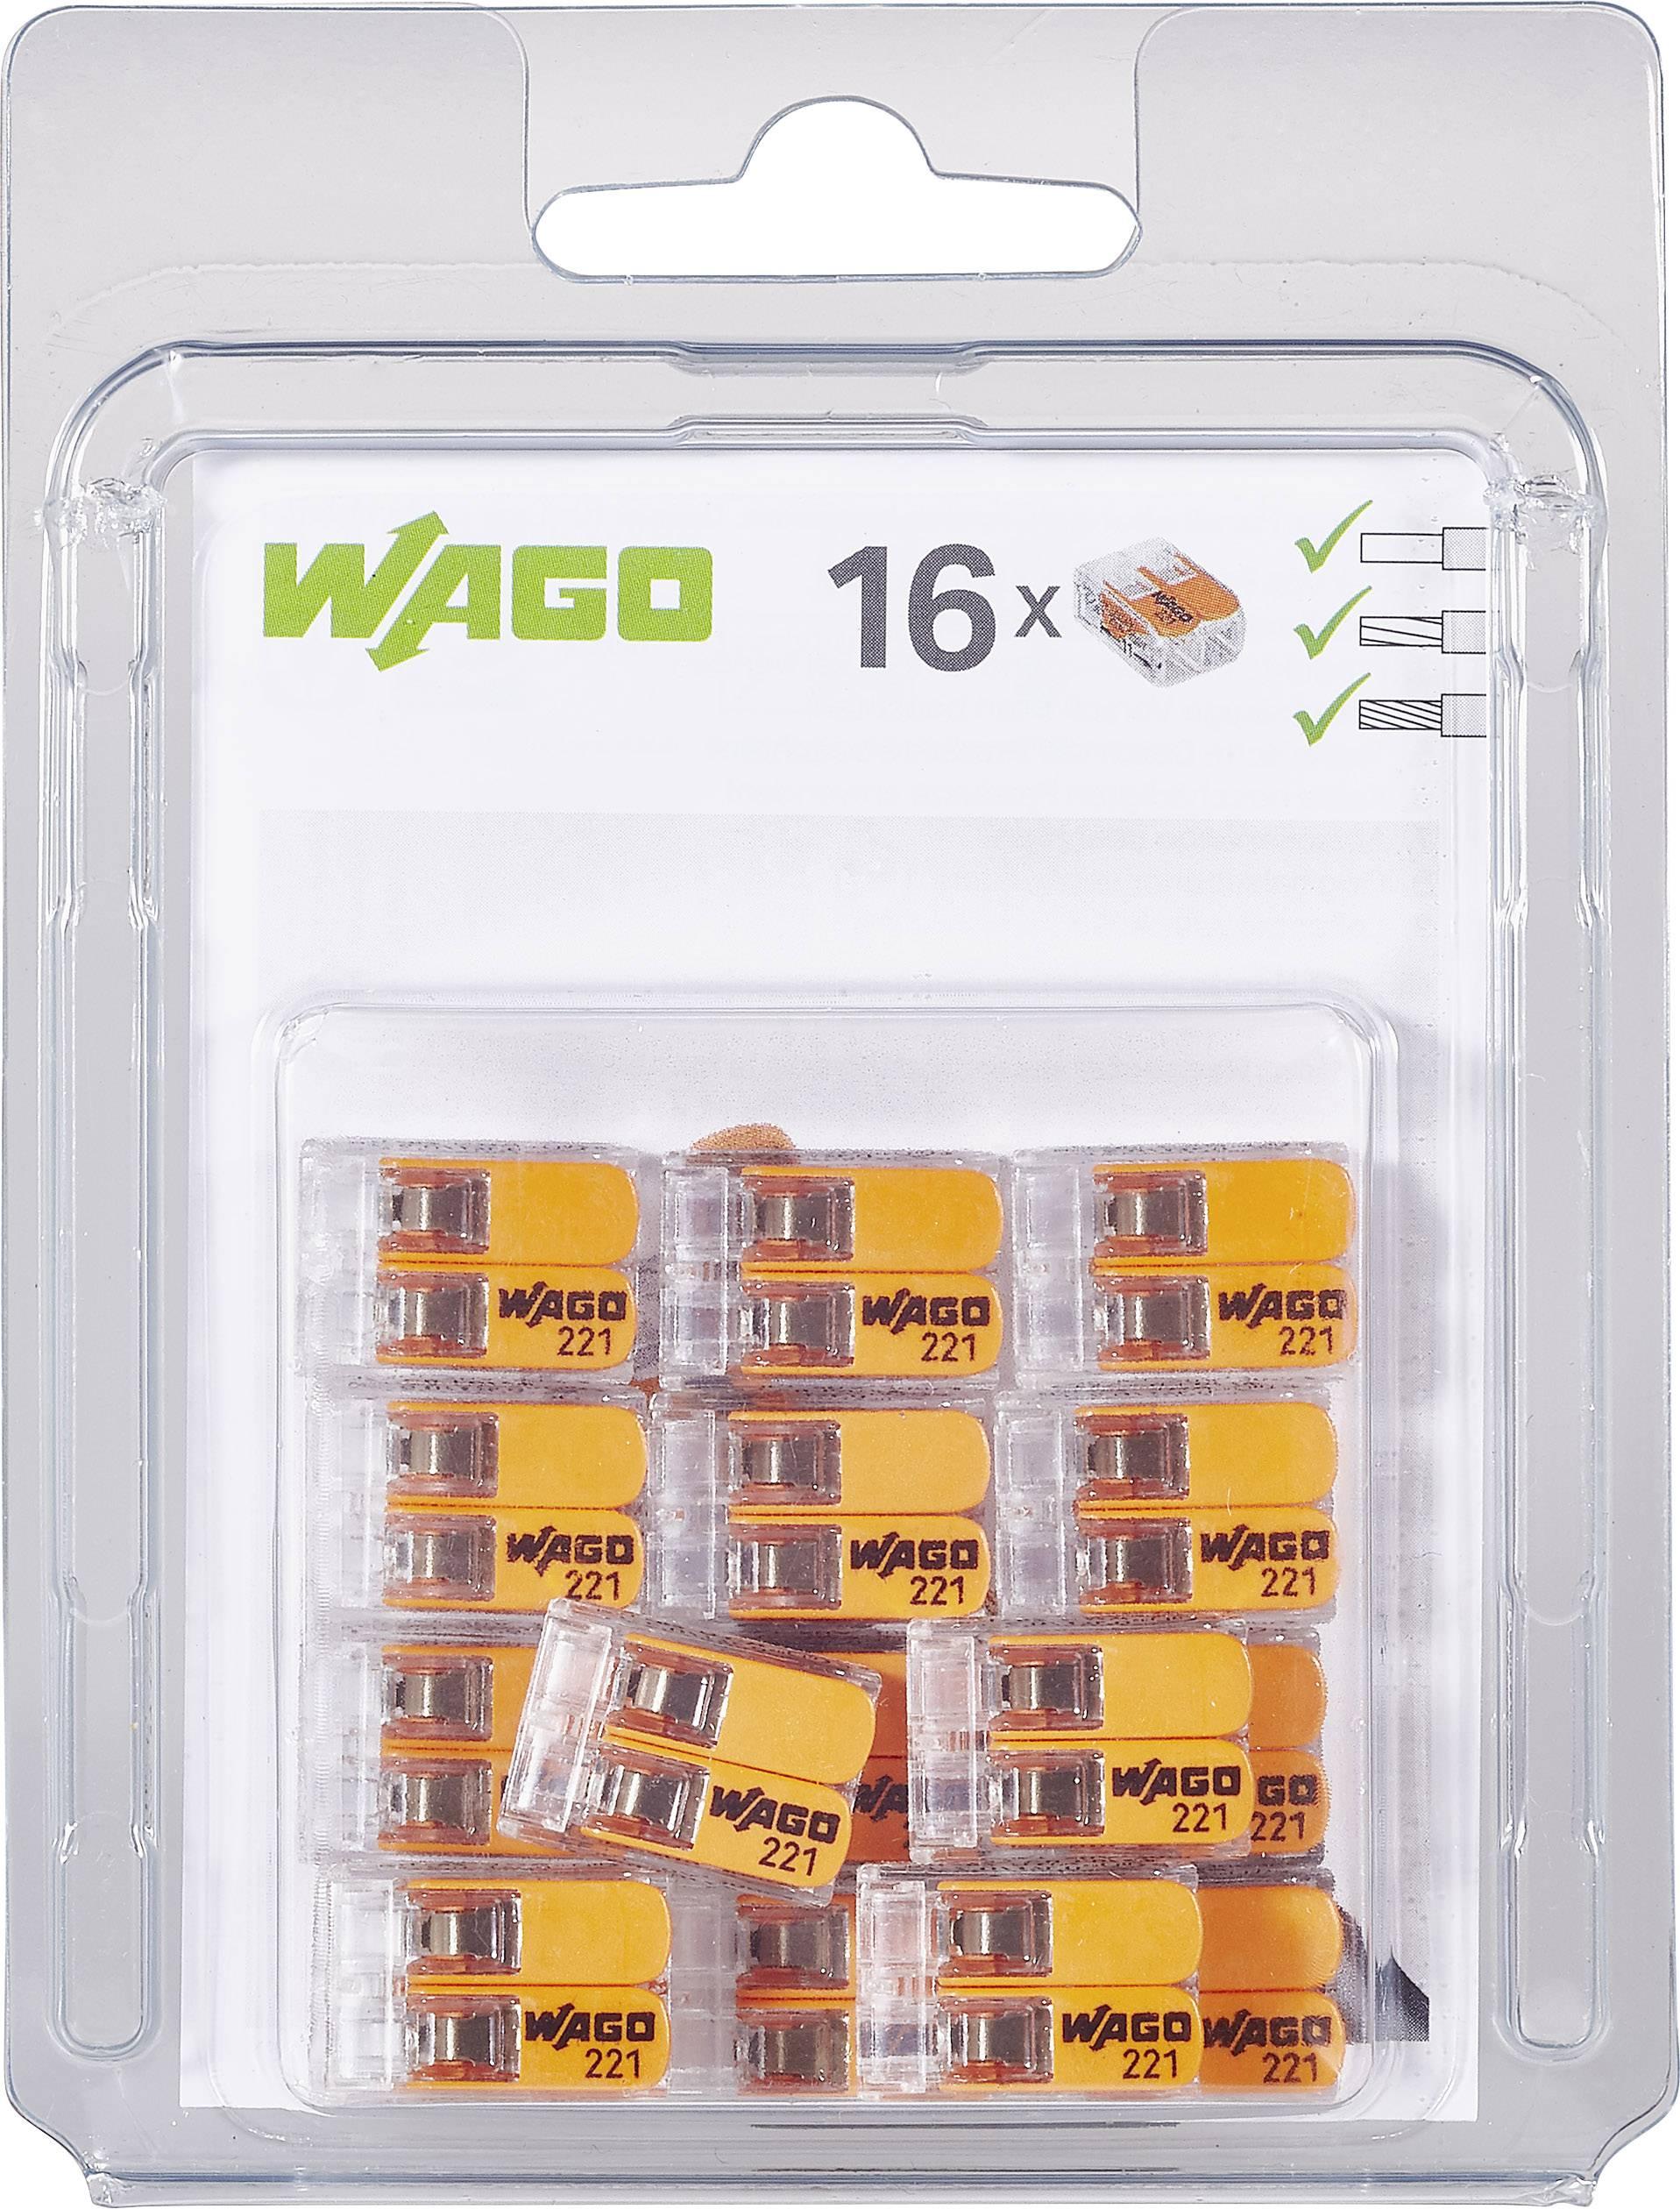 Krabicová svorkovnica WAGO 221-412/996-016 na kábel s rozmerom 0.14-4 mm², pólov 2, 16 ks, priehľadná, oranžová